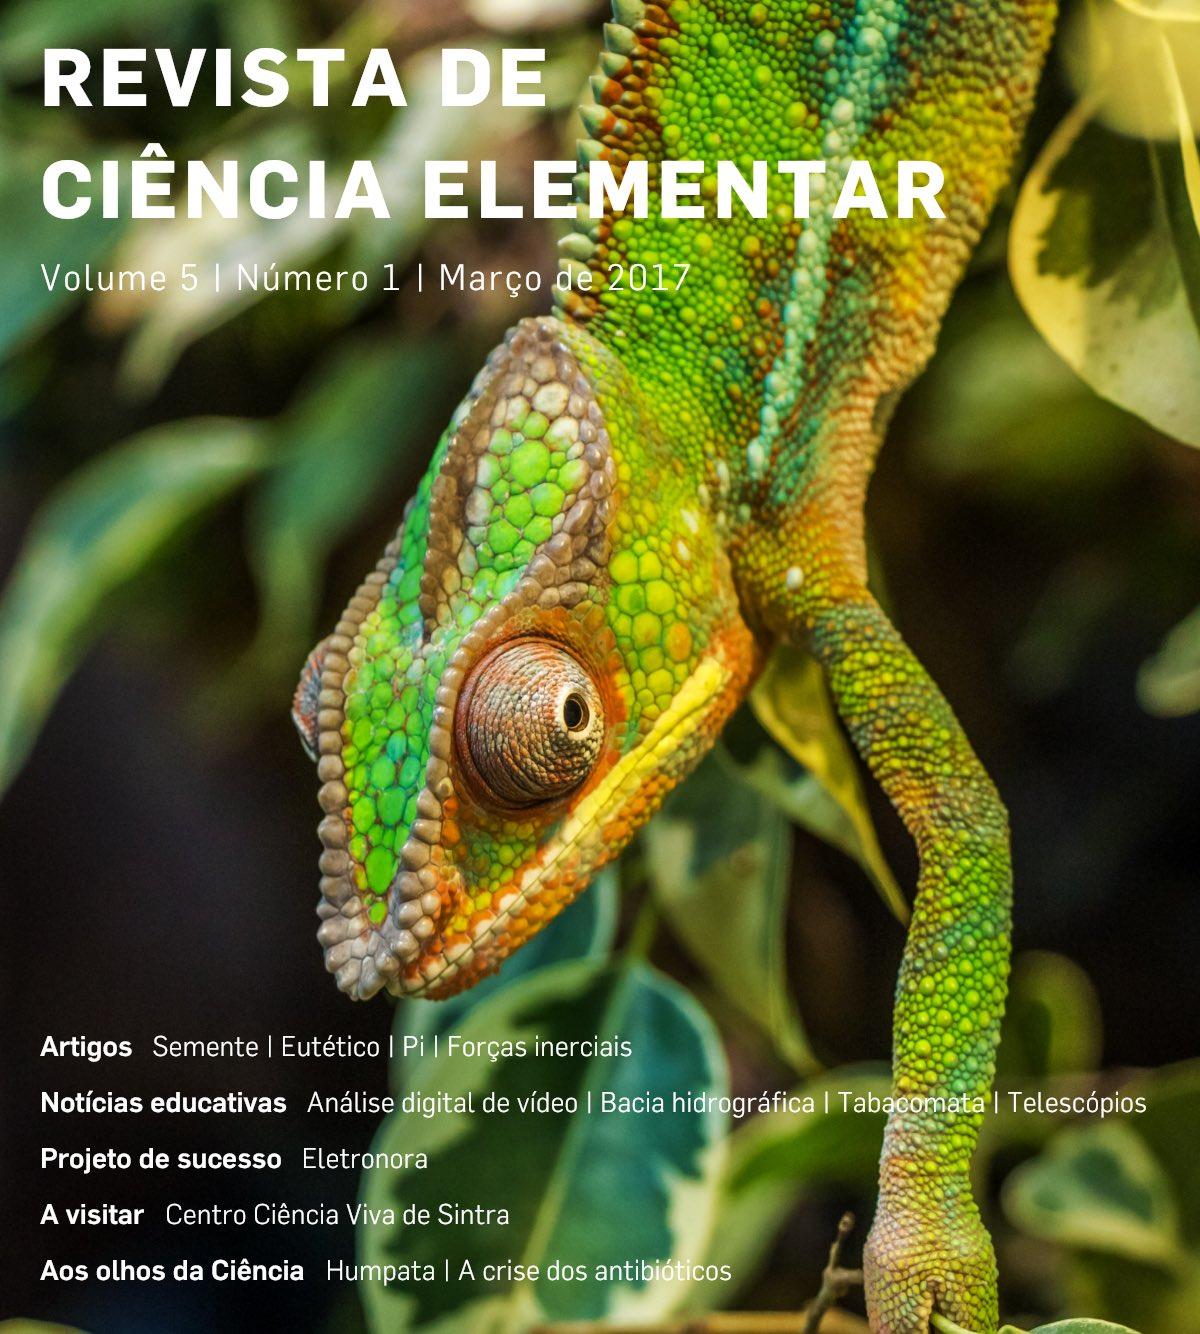 Revista de Ciência Elementar. Novo número já disponível.